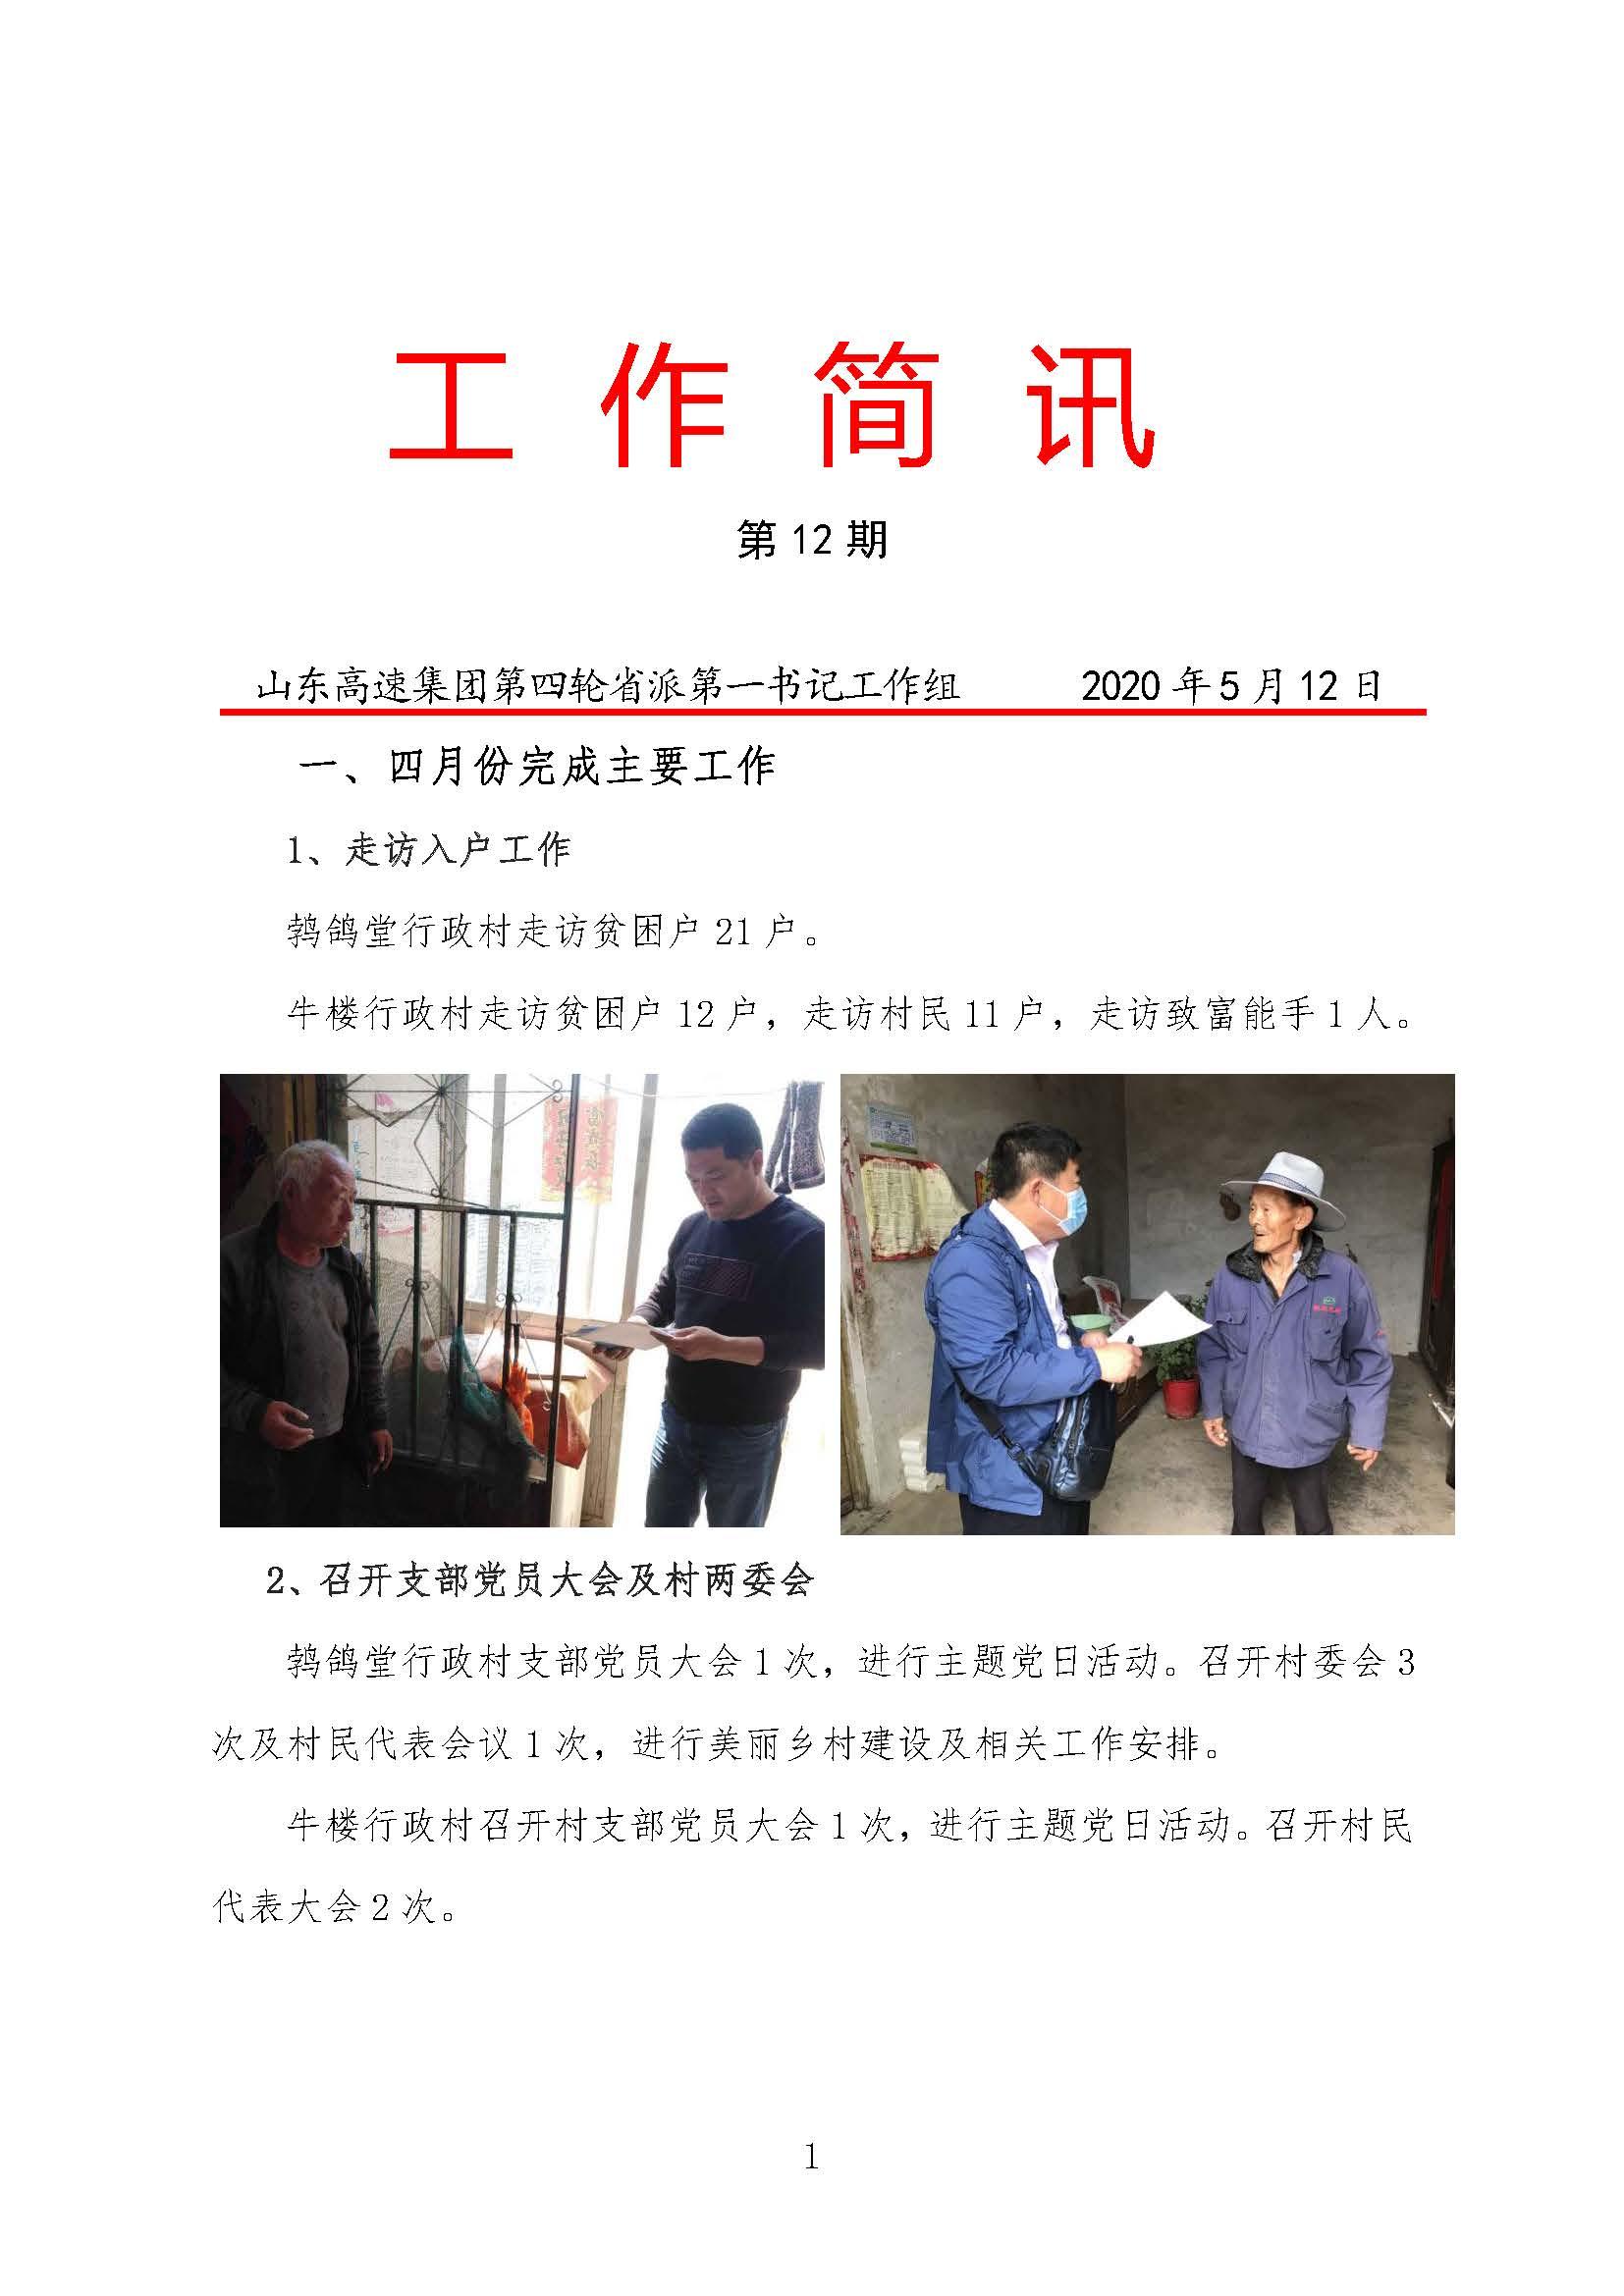 山东高速集团省派第一书记工作简讯-第12期_页面_1